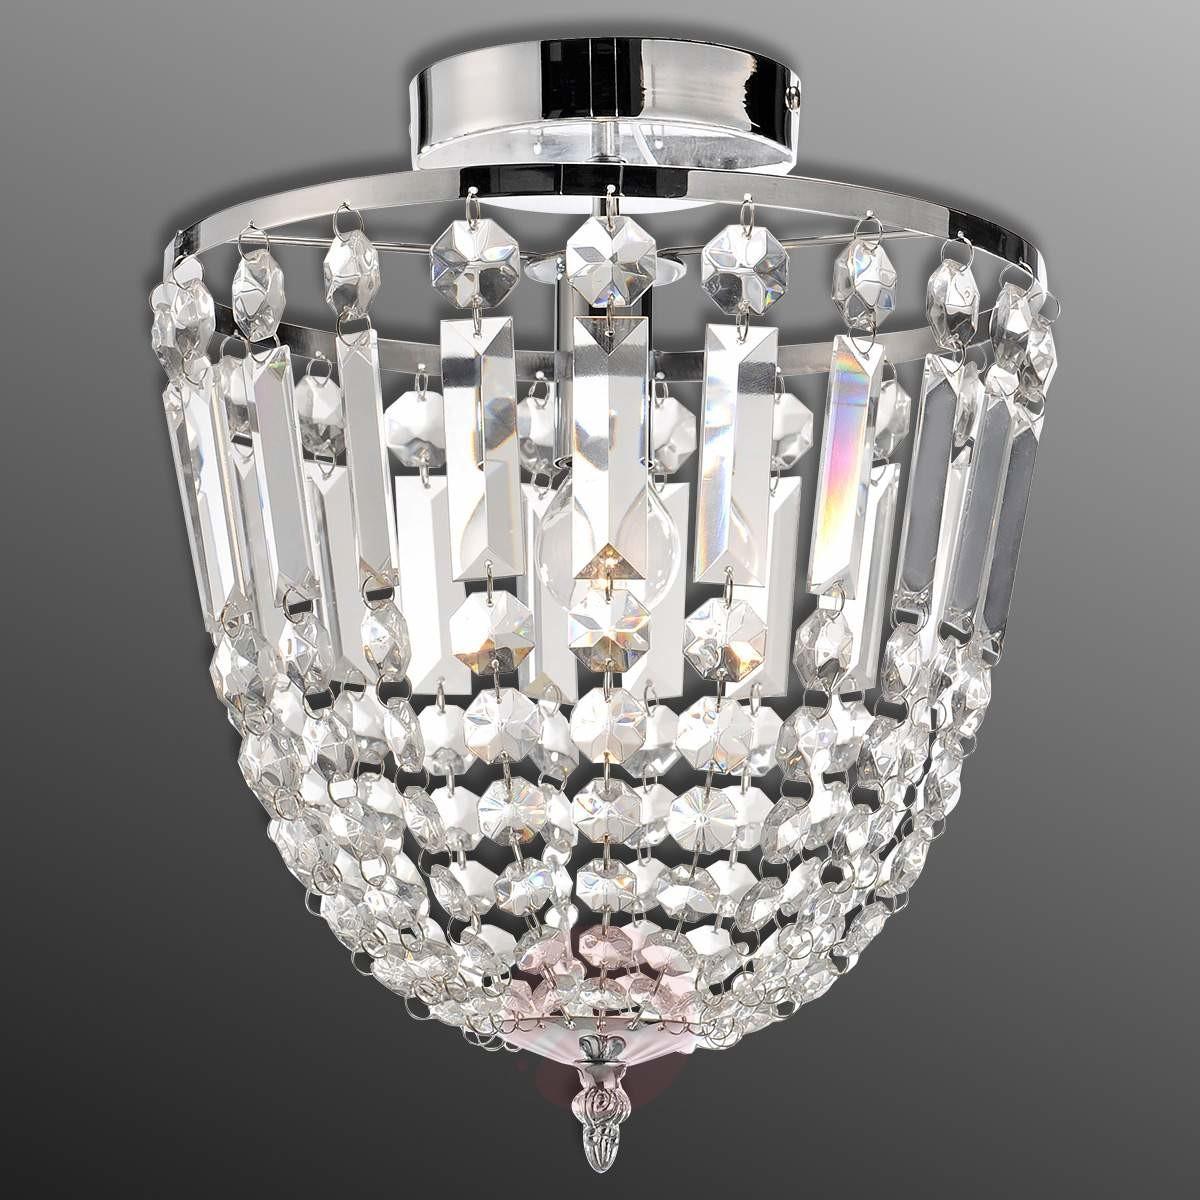 Leuchten Direkt Plafon Kamea chrom 1xE14 60W 15003-17